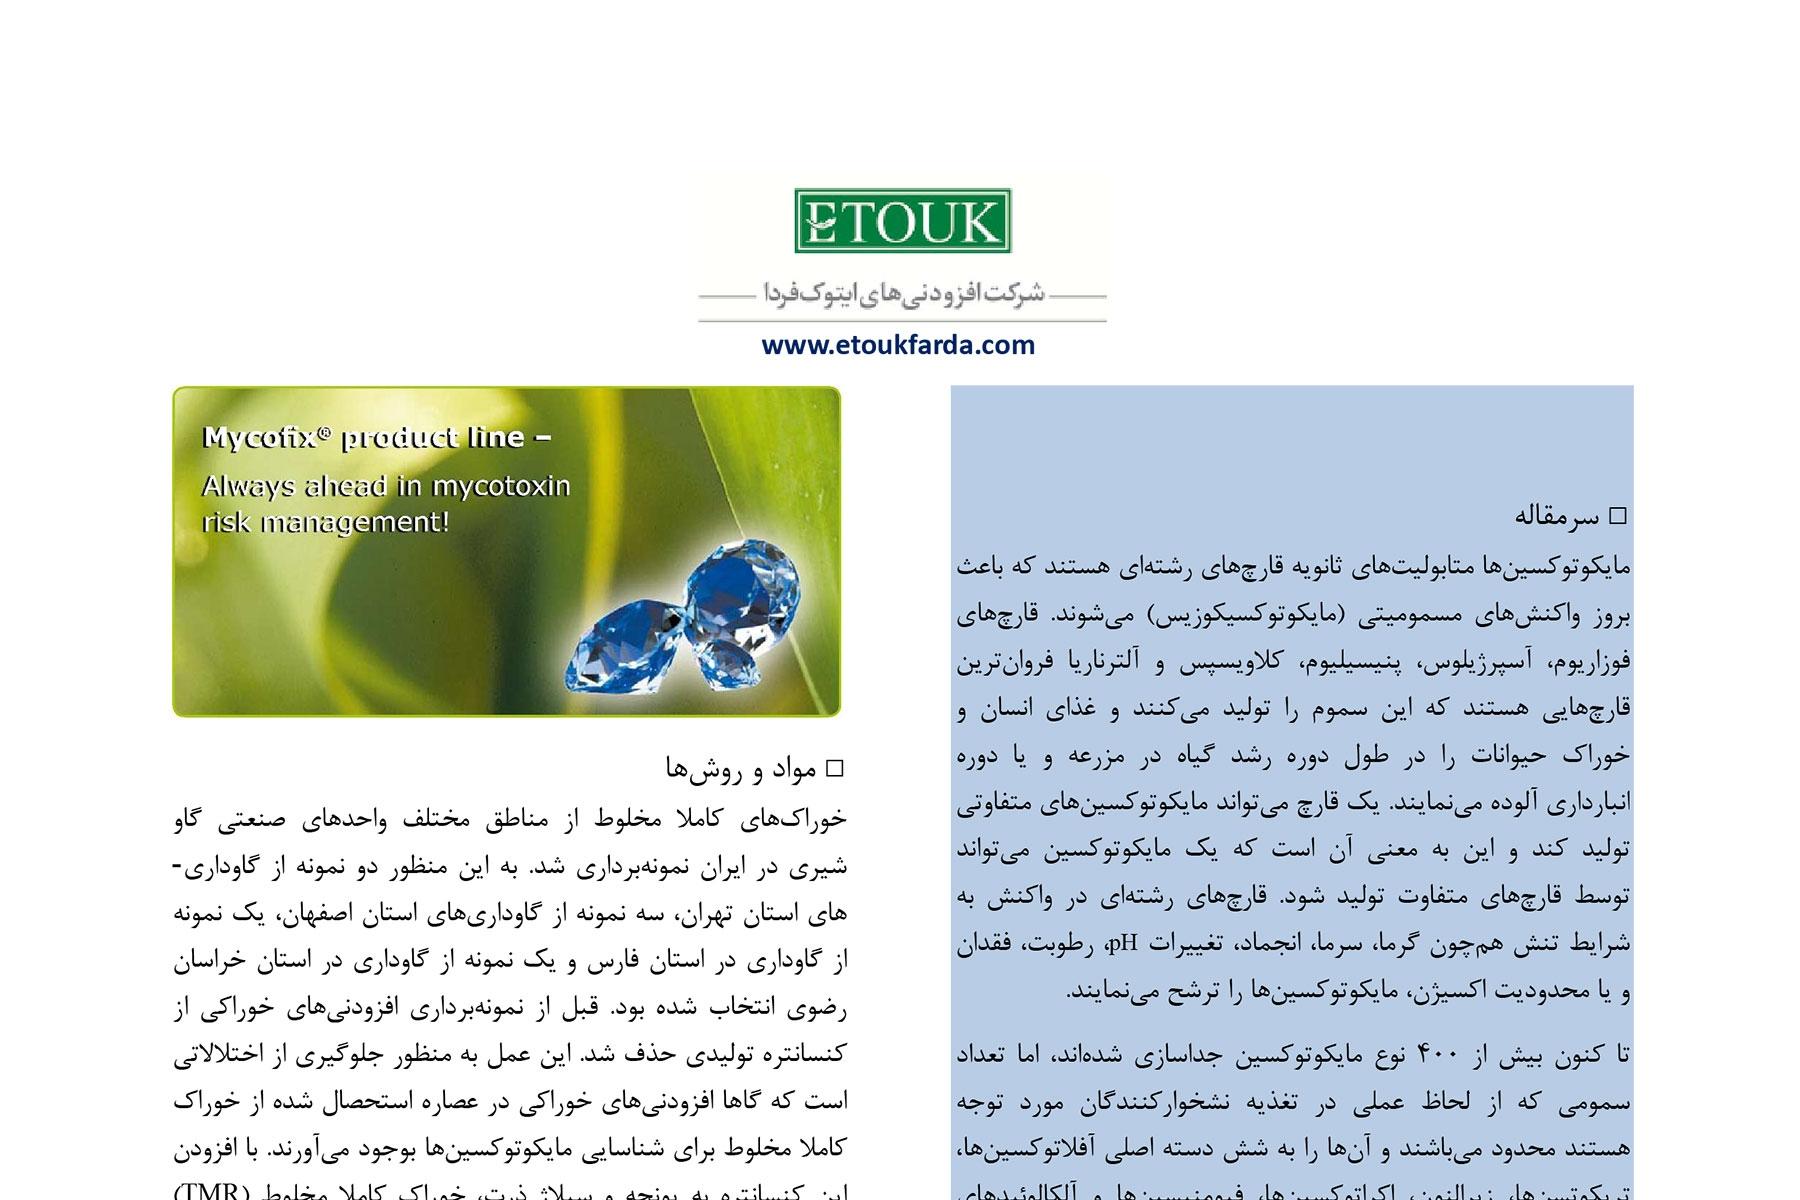 بررسی آلودگی به مایکوتوکسین ها در خوراک های کاملا مخلوط (TMR) در گاوداری های ایران